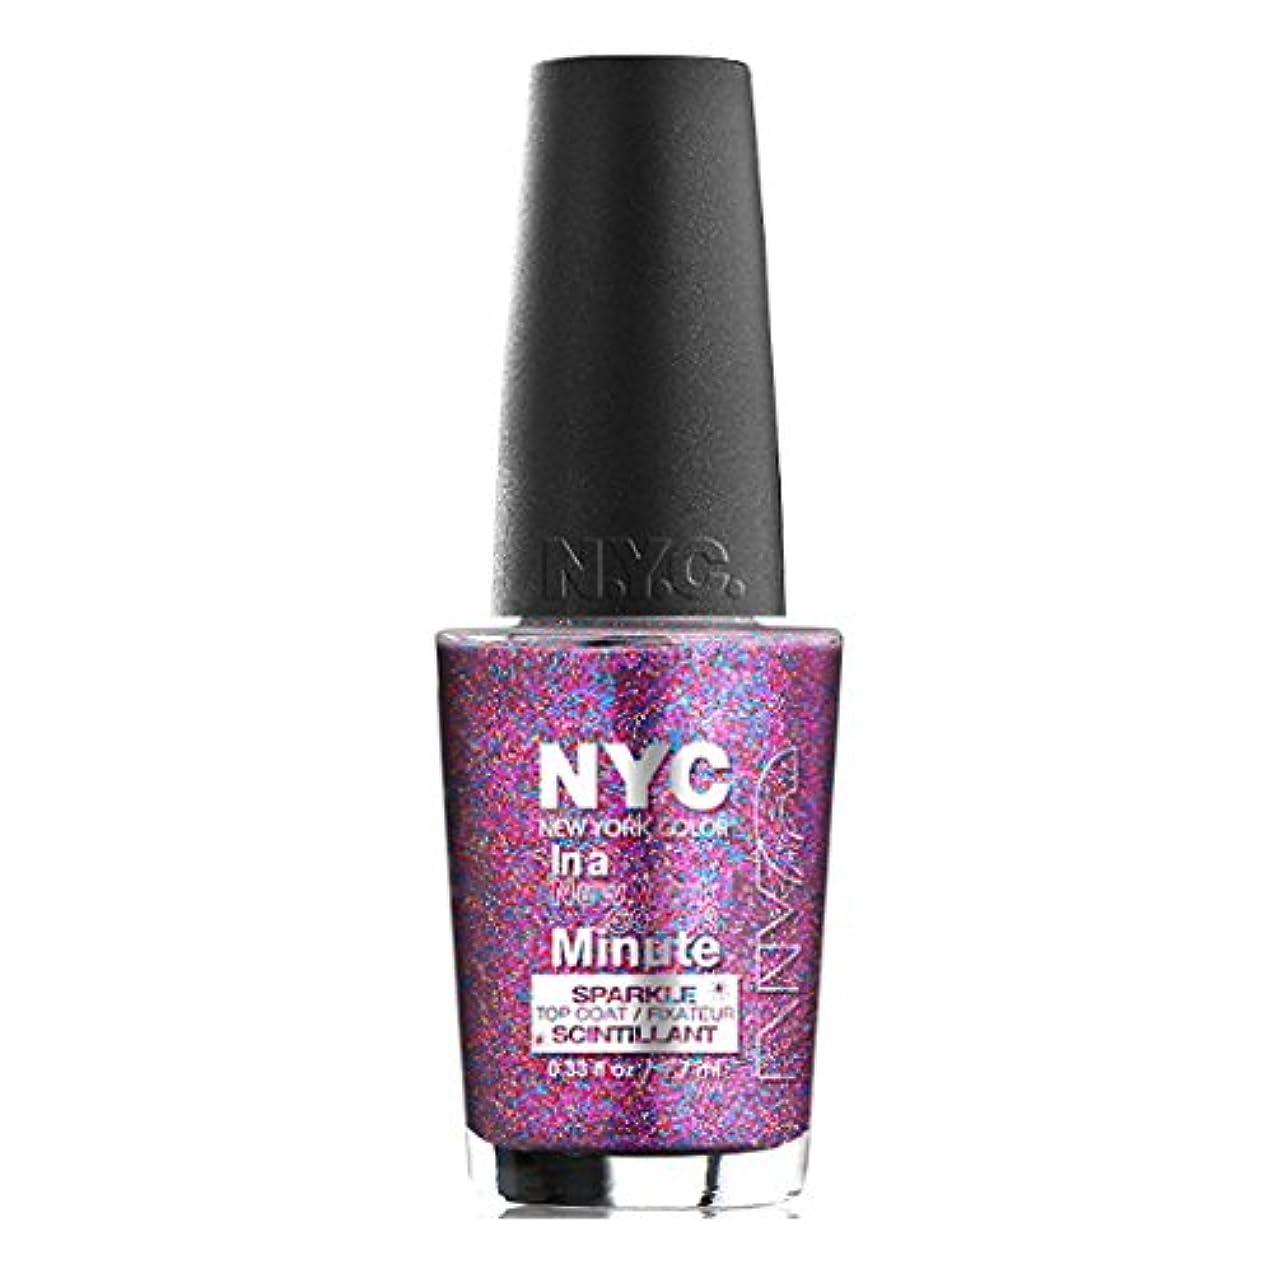 高度器用シリーズ(6 Pack) NYC In A New York Color Minute Sparkle Top Coat - Big City Dazzle (並行輸入品)